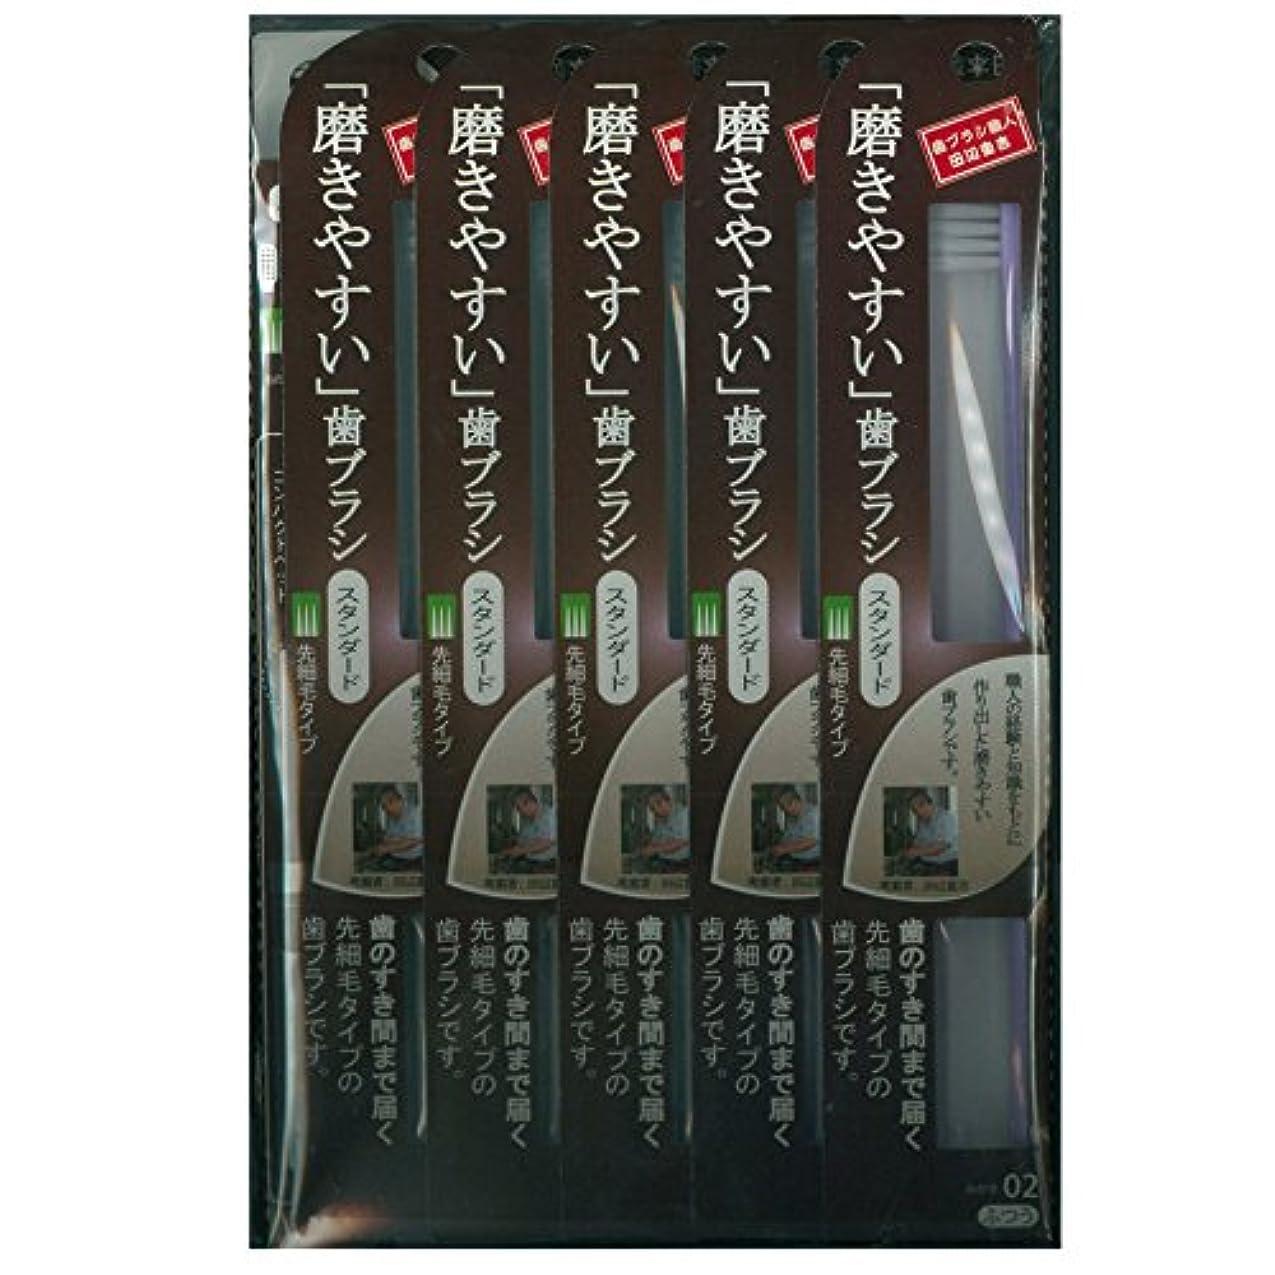 雑多なほこり経過磨きやすい歯ブラシ先細 LT-02×12本セット( ピンク×4本、ブルー×4本、グリーン×2本、パープル×2本)